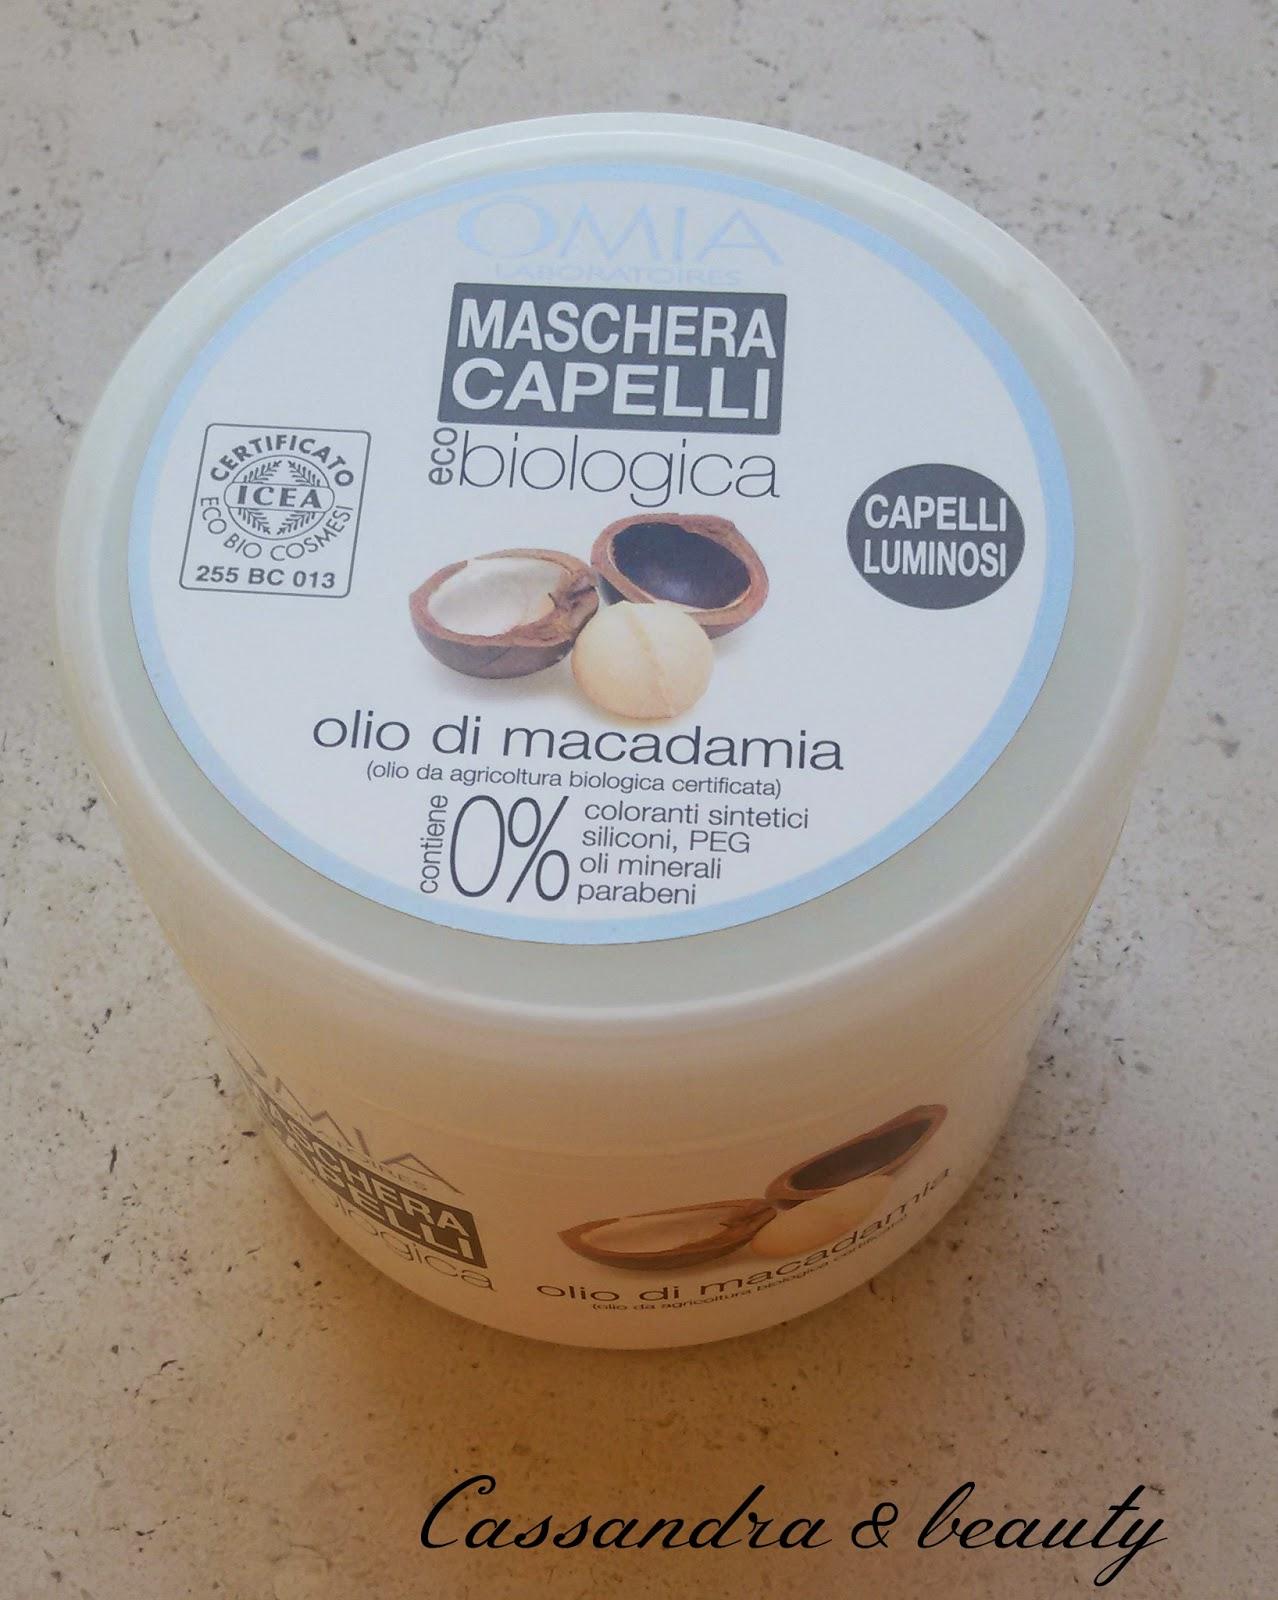 Maschera capelli OMIA all'olio di Macadamia / recensione